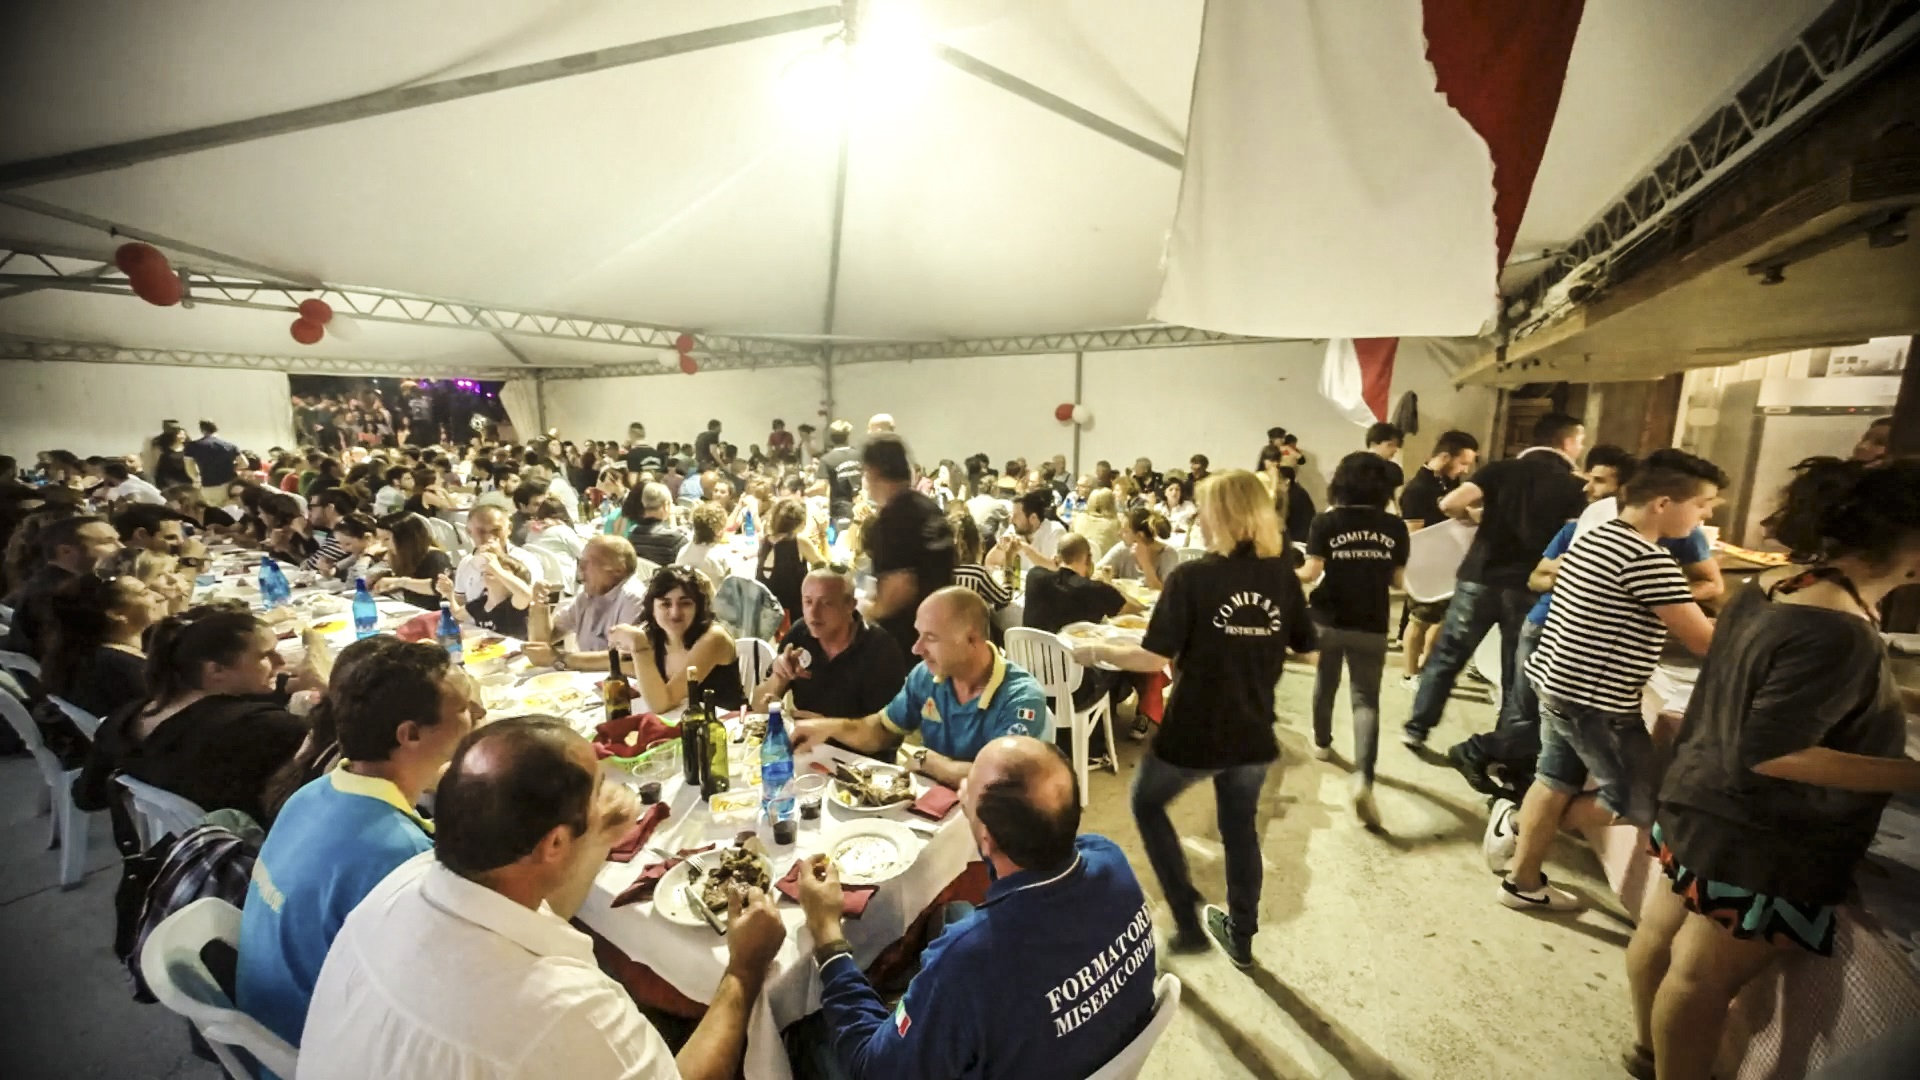 38° Festival della fragola | Terricciola